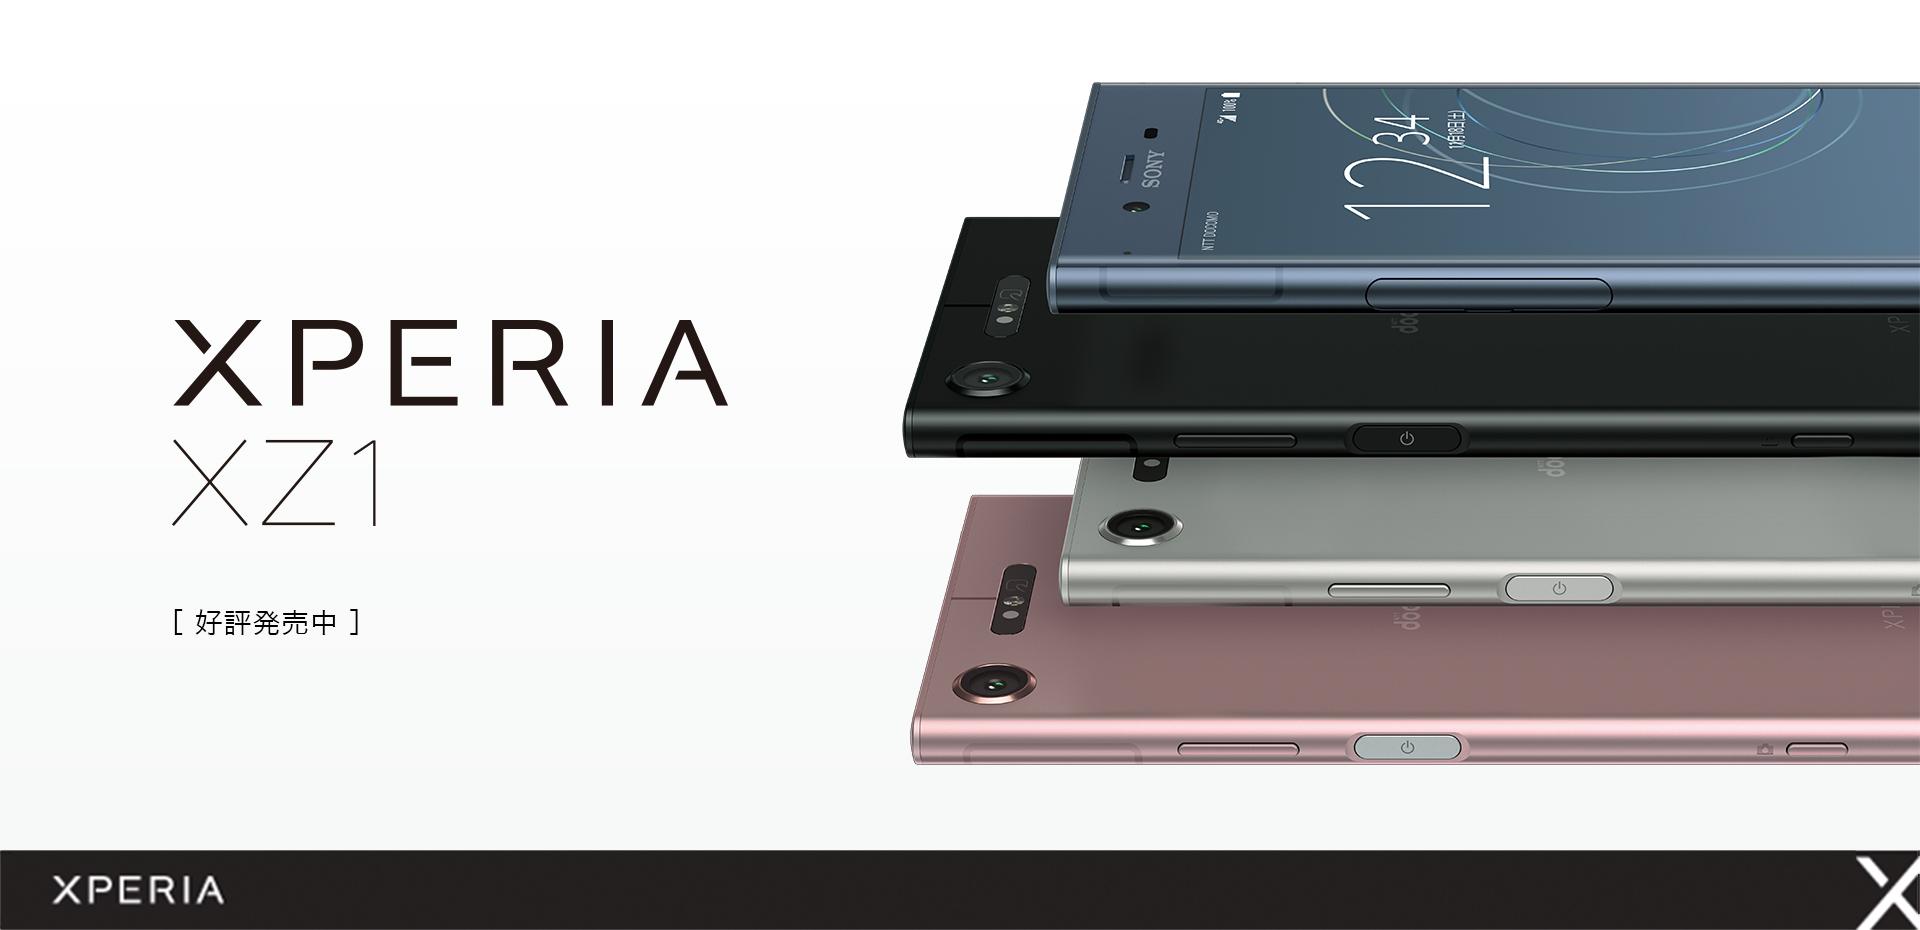 PS4®のゲームが家のどこにいてもプレイできるスマホ『Xperia™ XZ1』